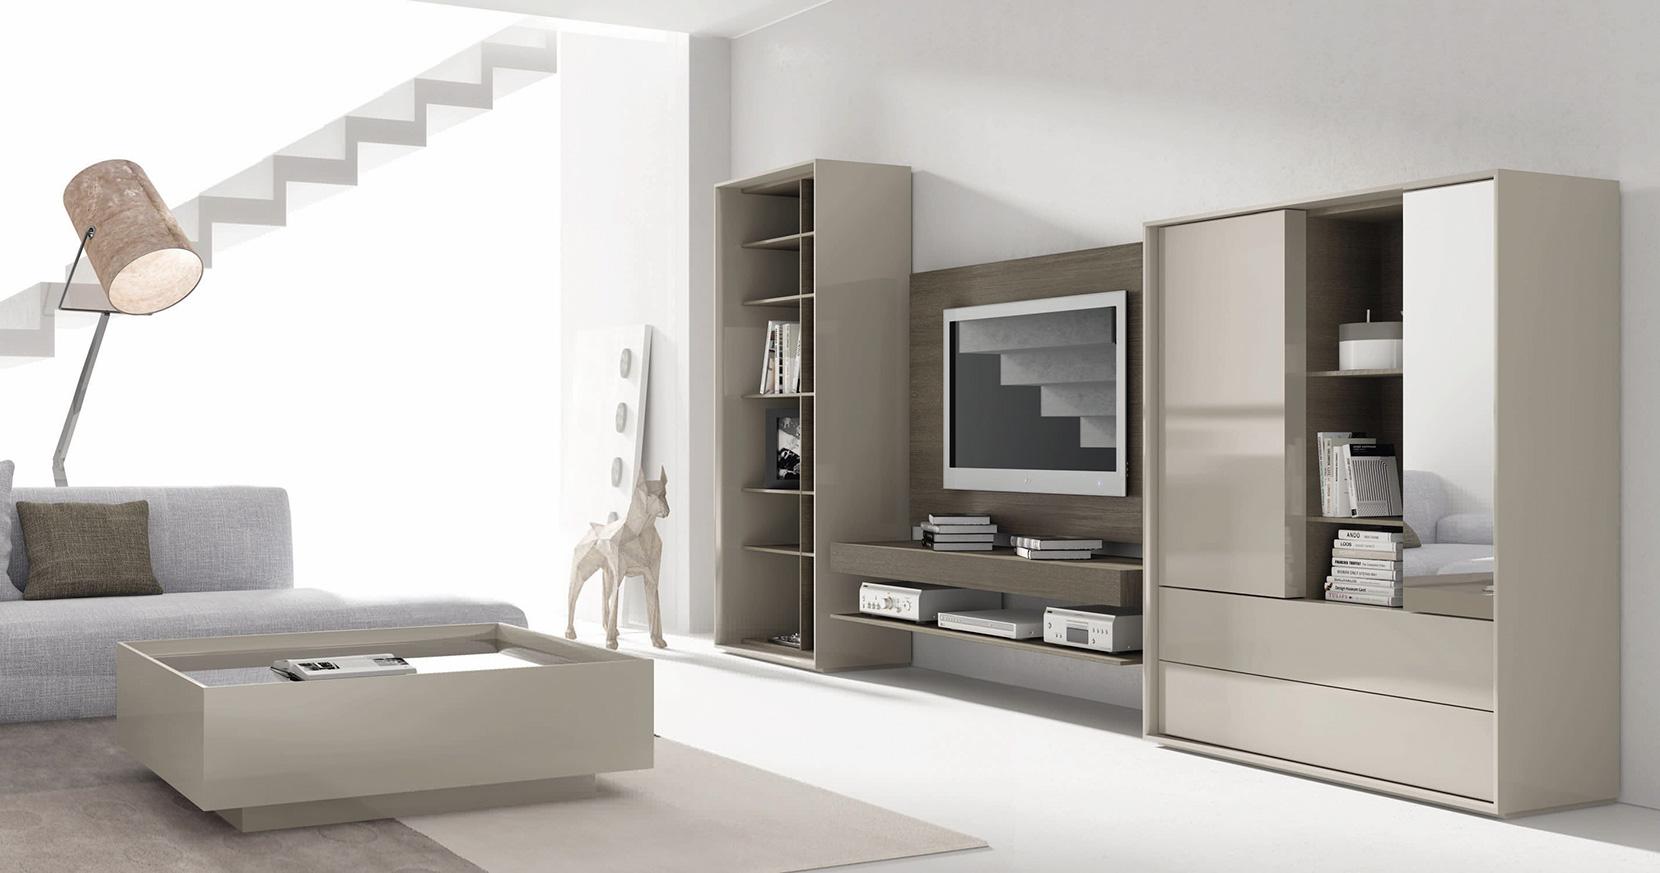 Mueble multimedia mueble tv cosmic dismobel - Mueble multimedia ...